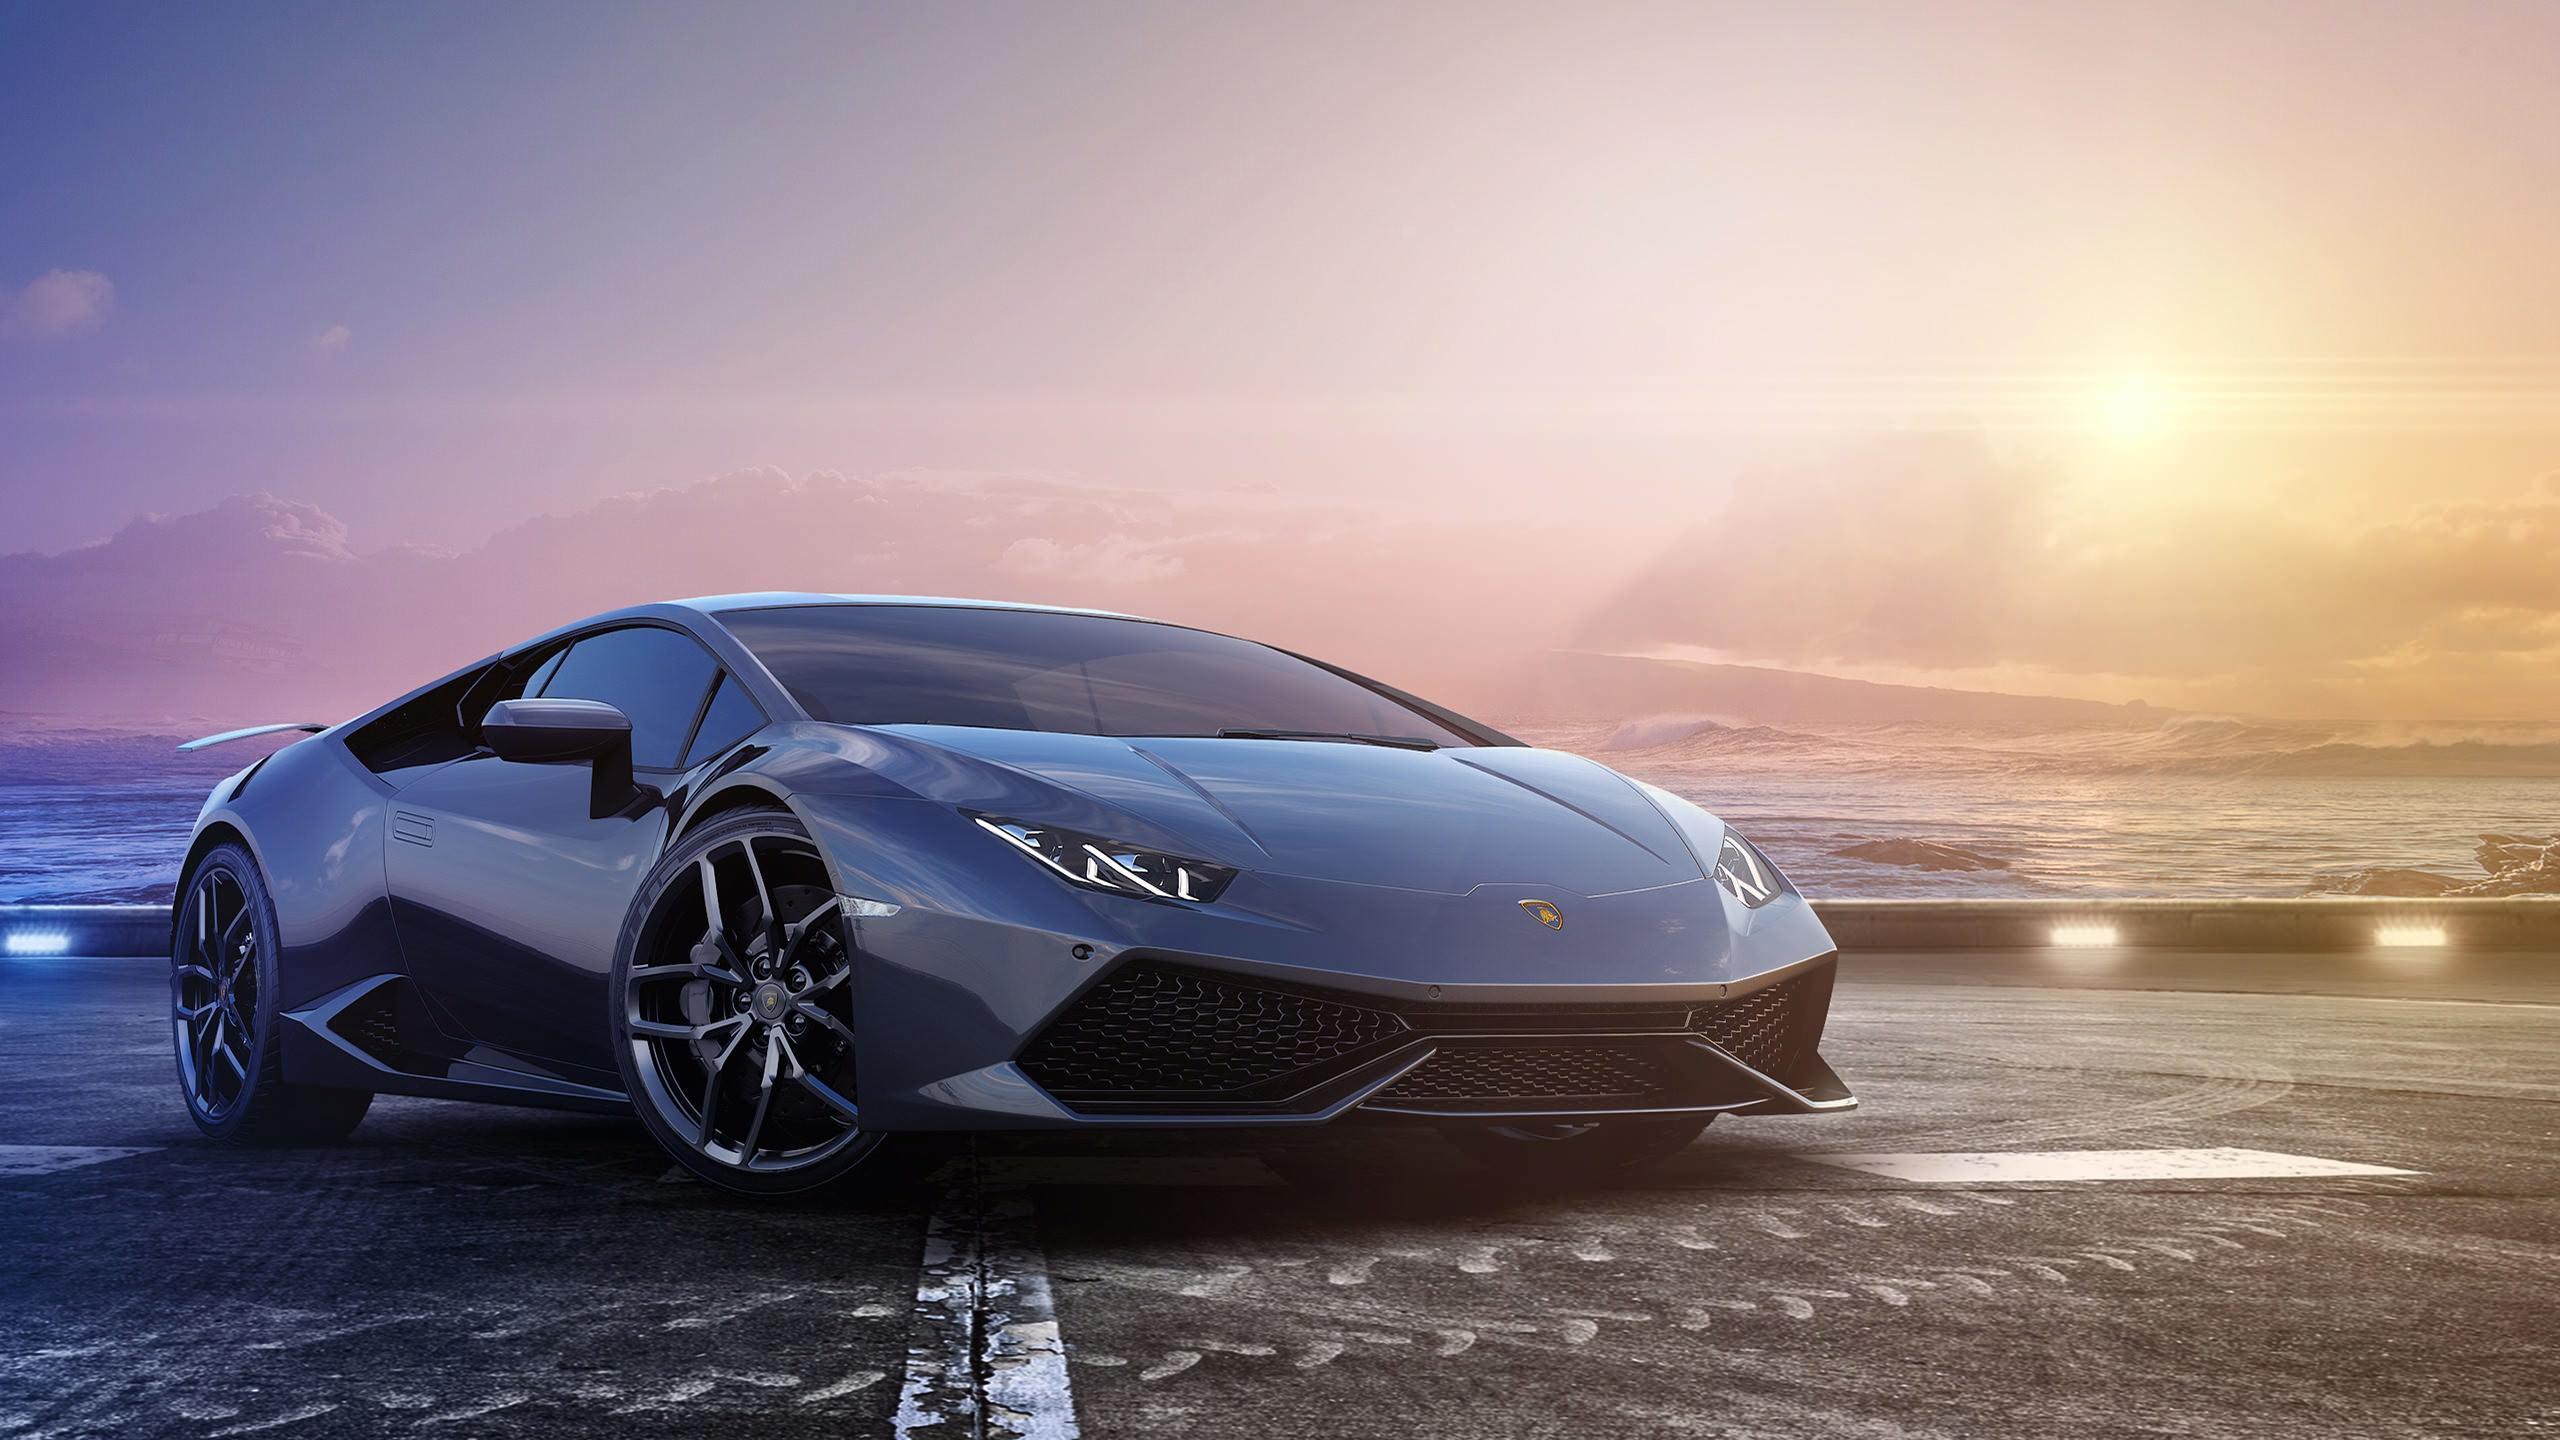 Lamborghini Wallpapers - Top Free